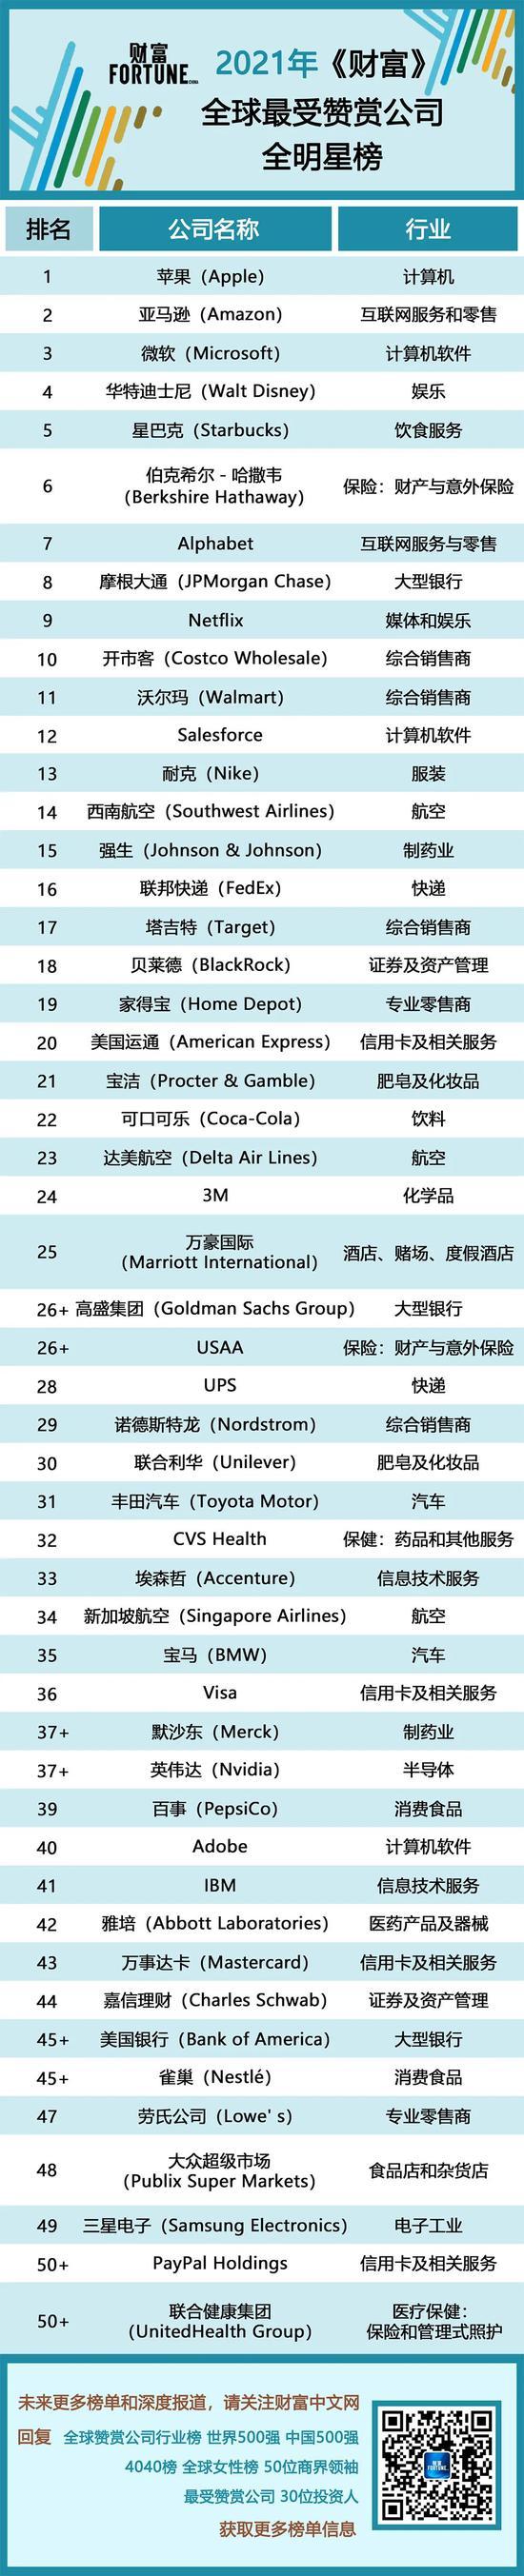 2021 年《财富》全球最受赞赏公司榜单:苹果、亚马逊、微软分列前三